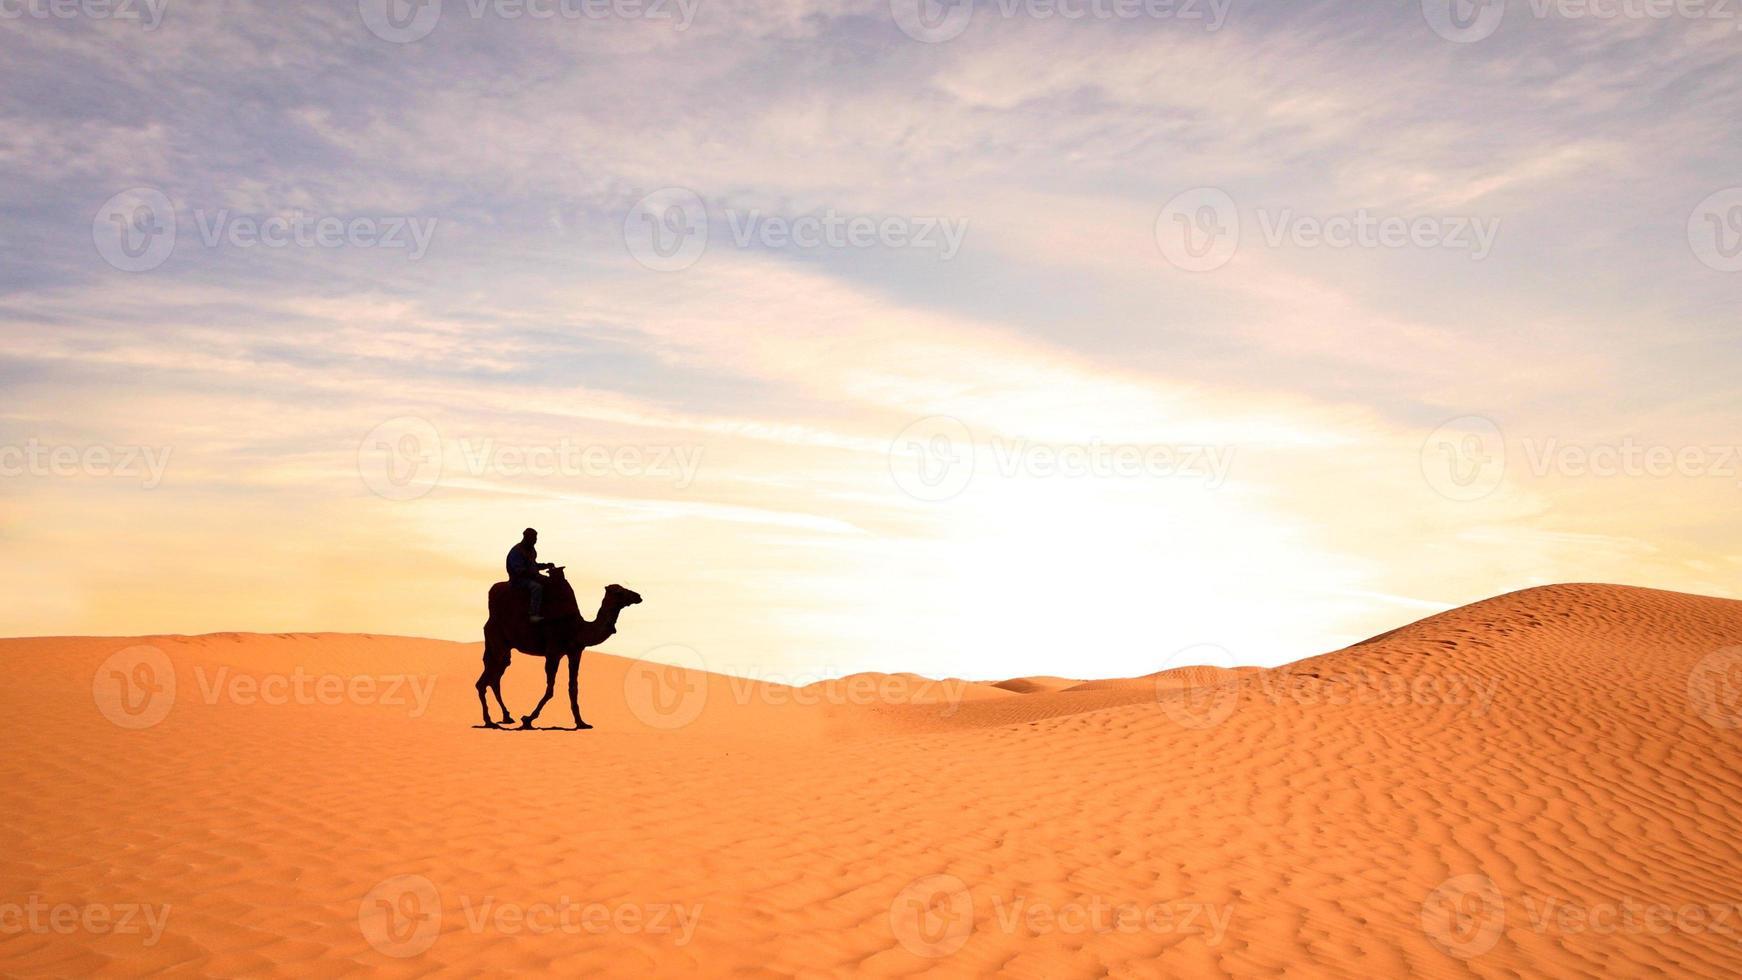 belle vue sur un chameau au sahara photo